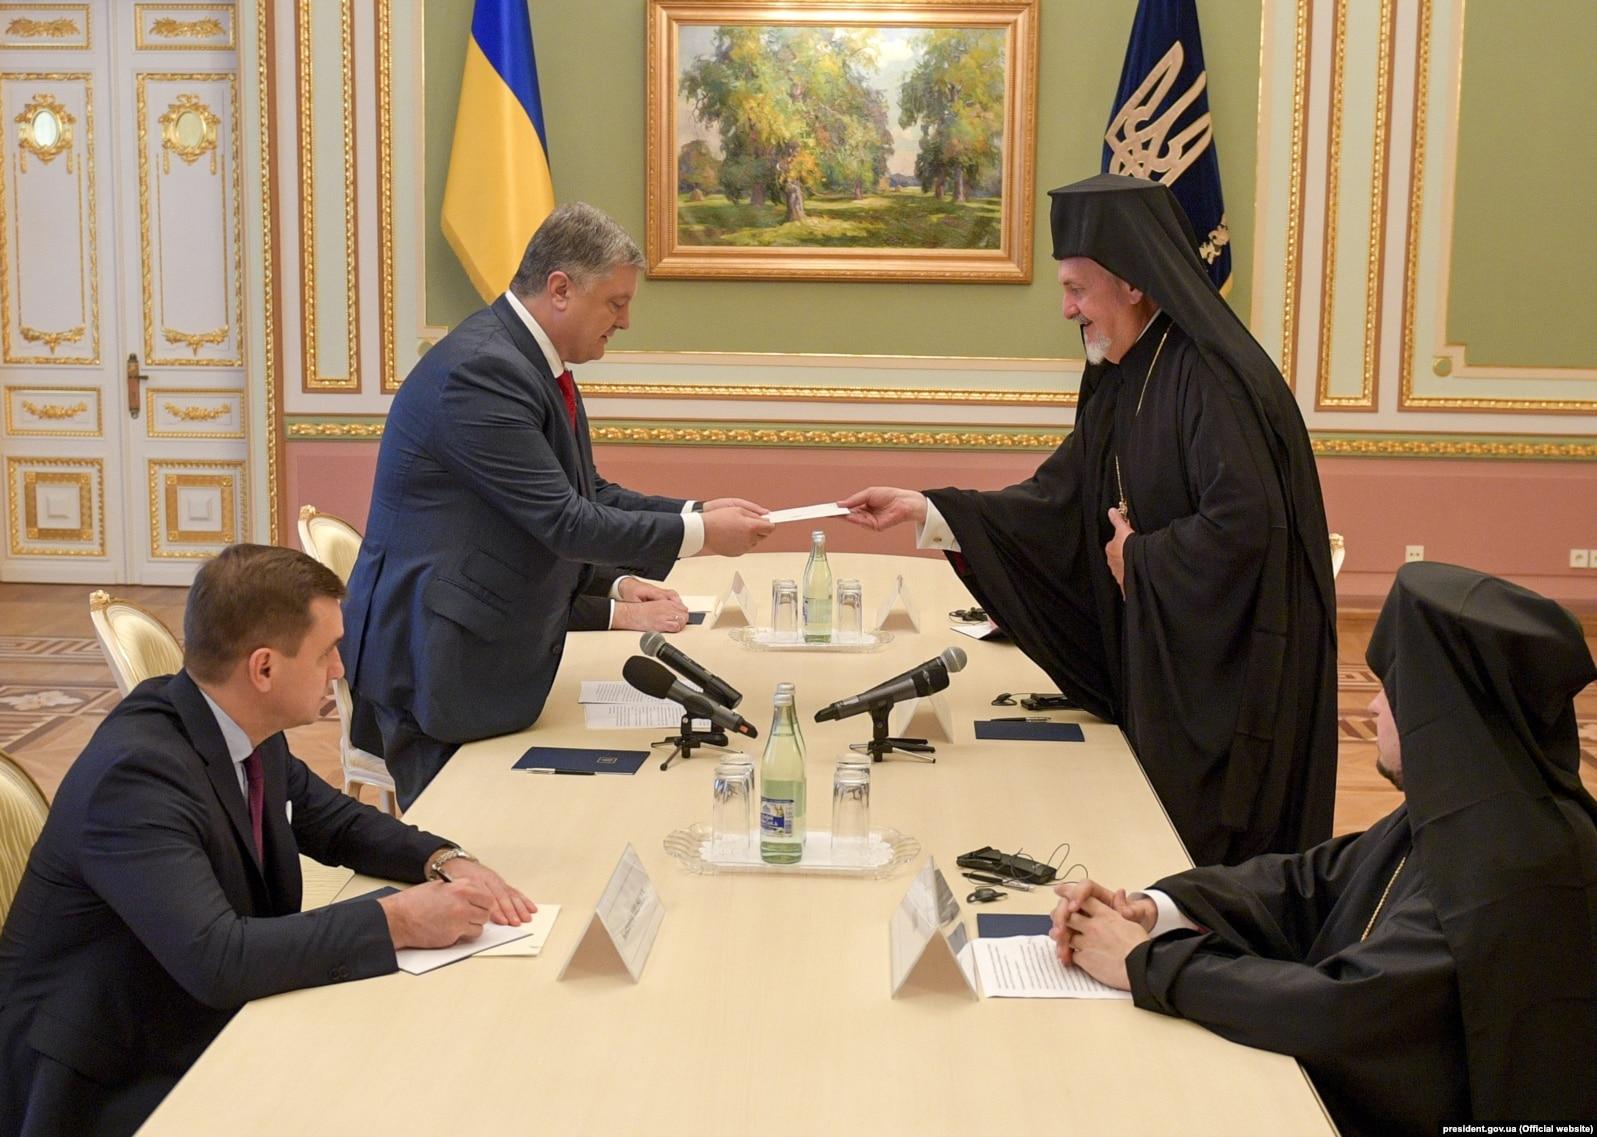 Томос для України і розбите корито патріарха РПЦ Кирила